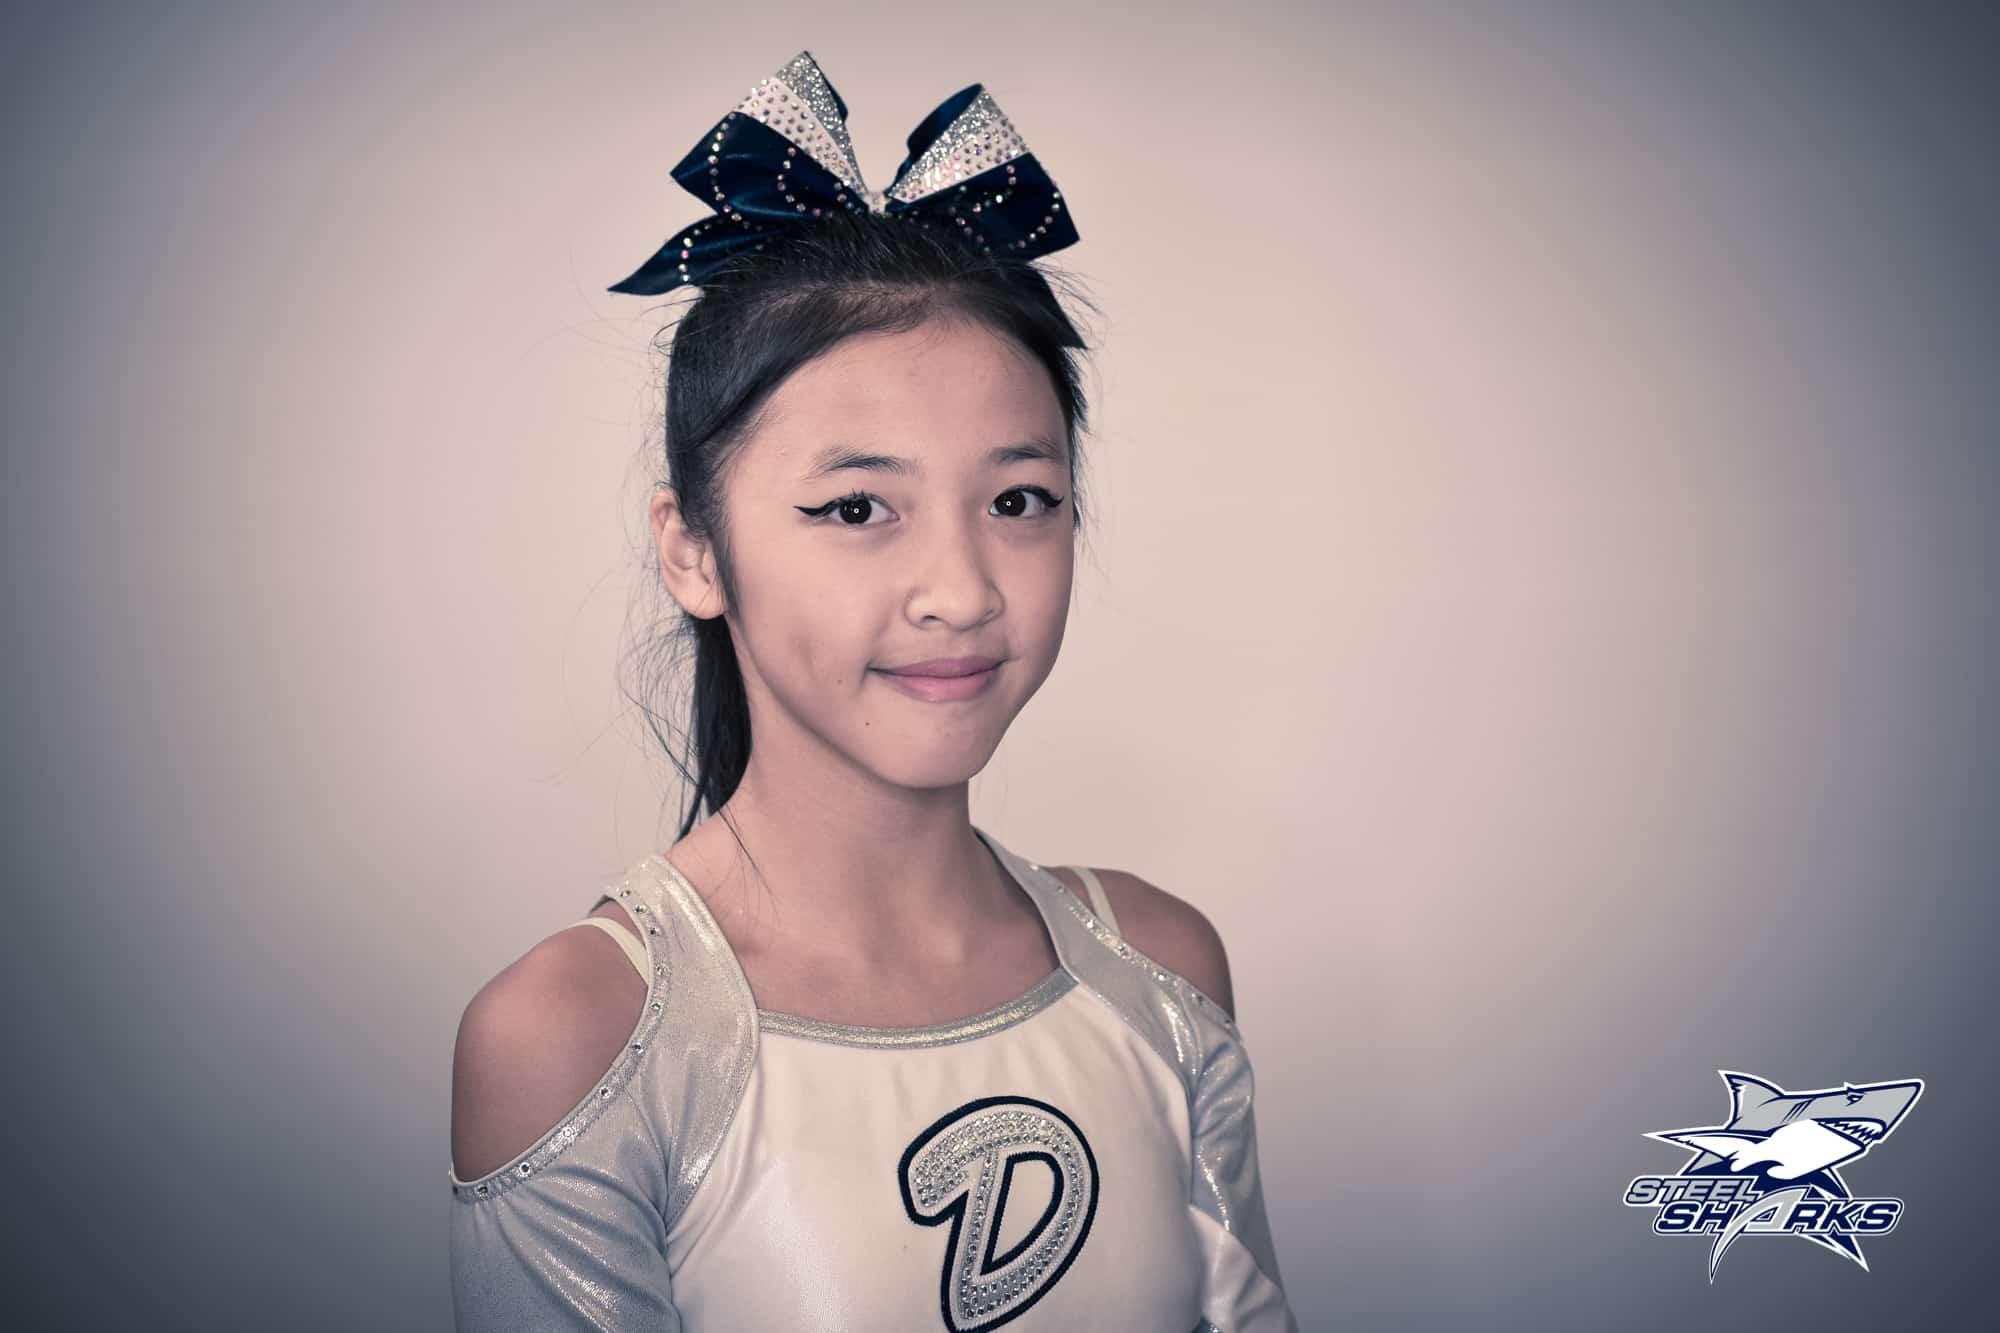 Amanda Chea